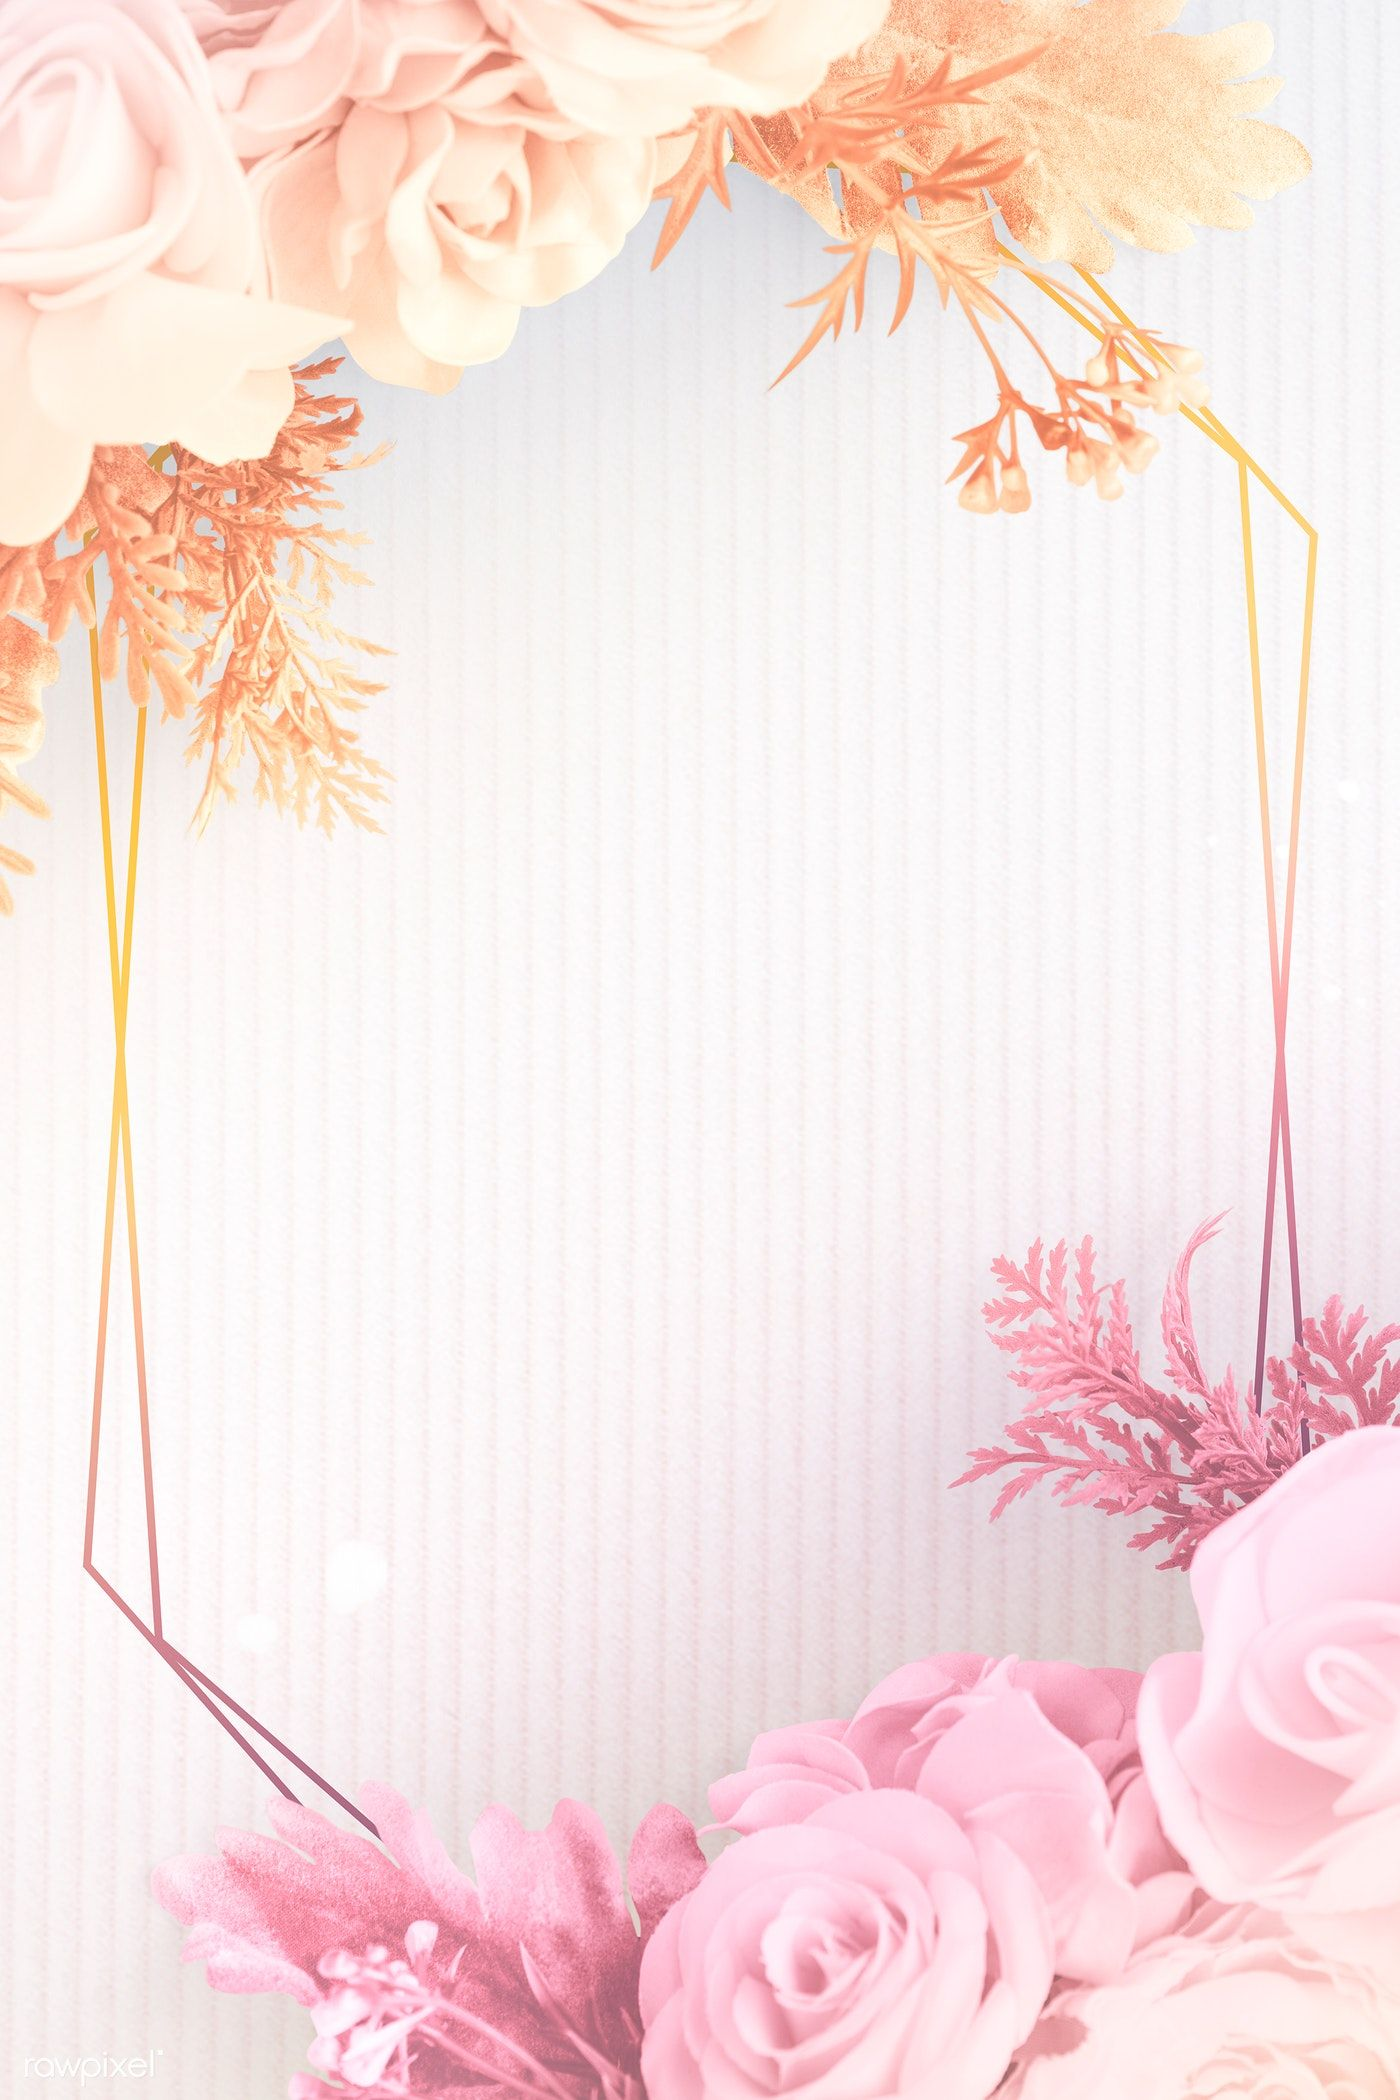 Download premium psd of Blank golden floral frame design